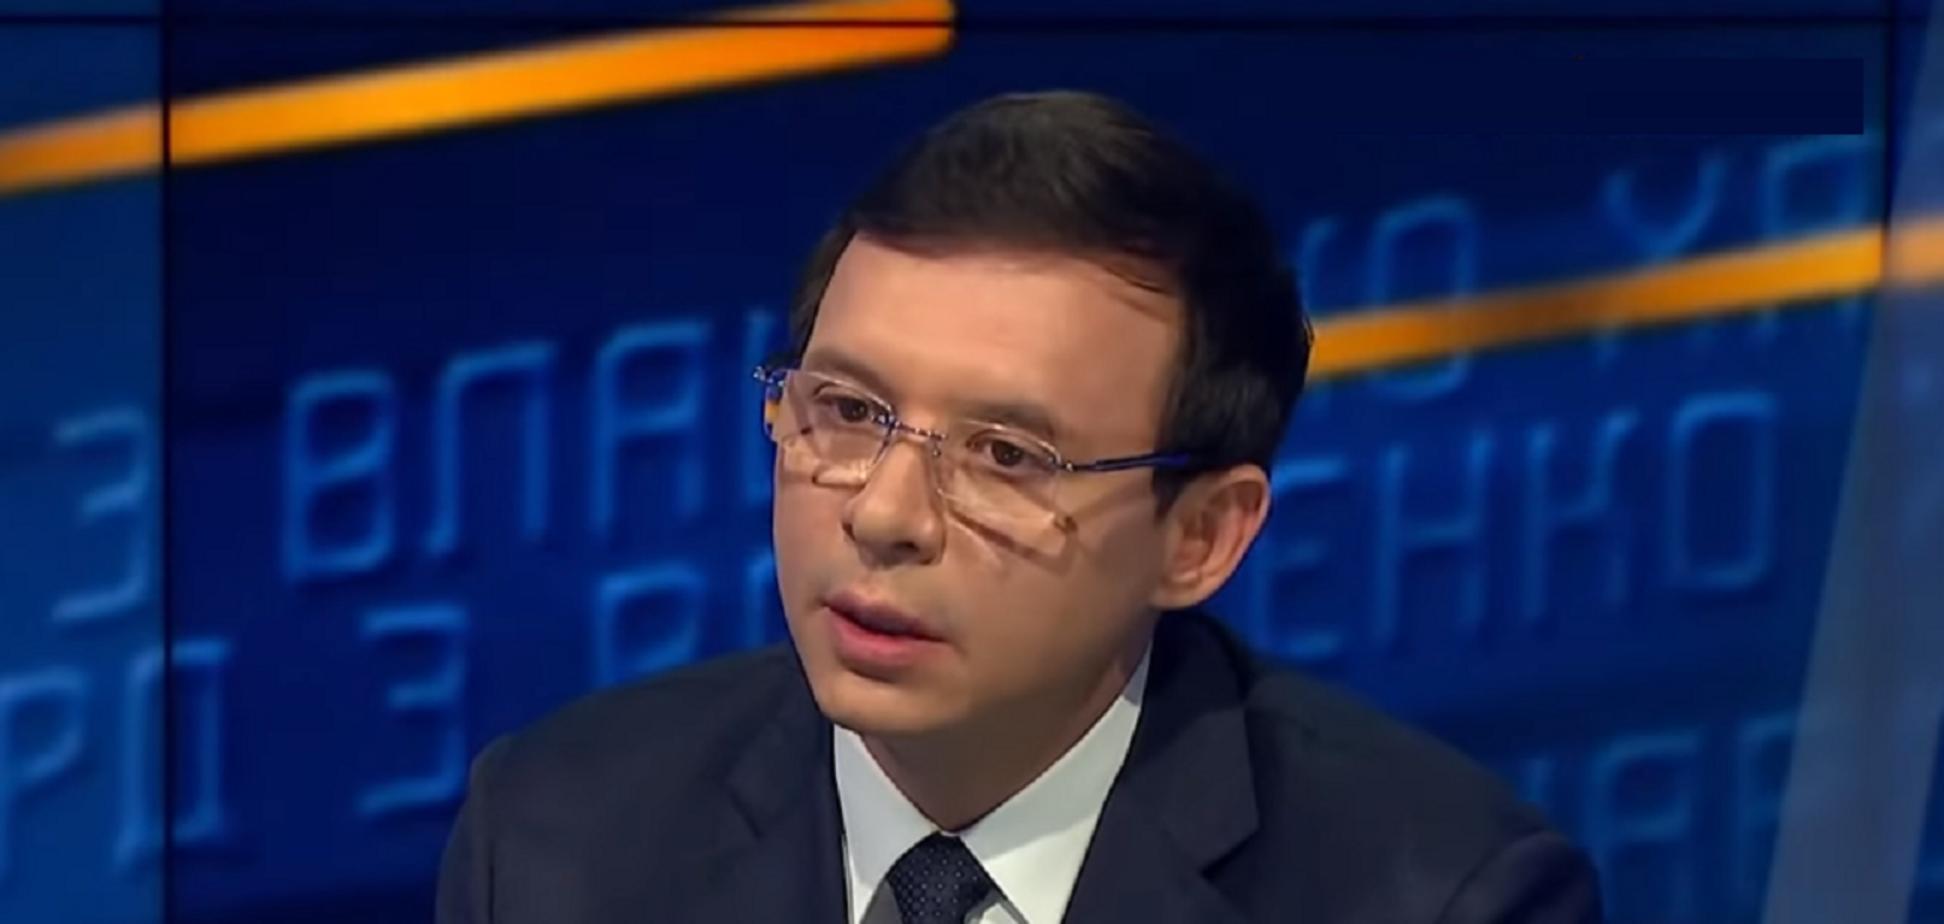 Закон про олігархів покликаний зачистити інформполе і позбавити опозицію фінансування, – Мураєв